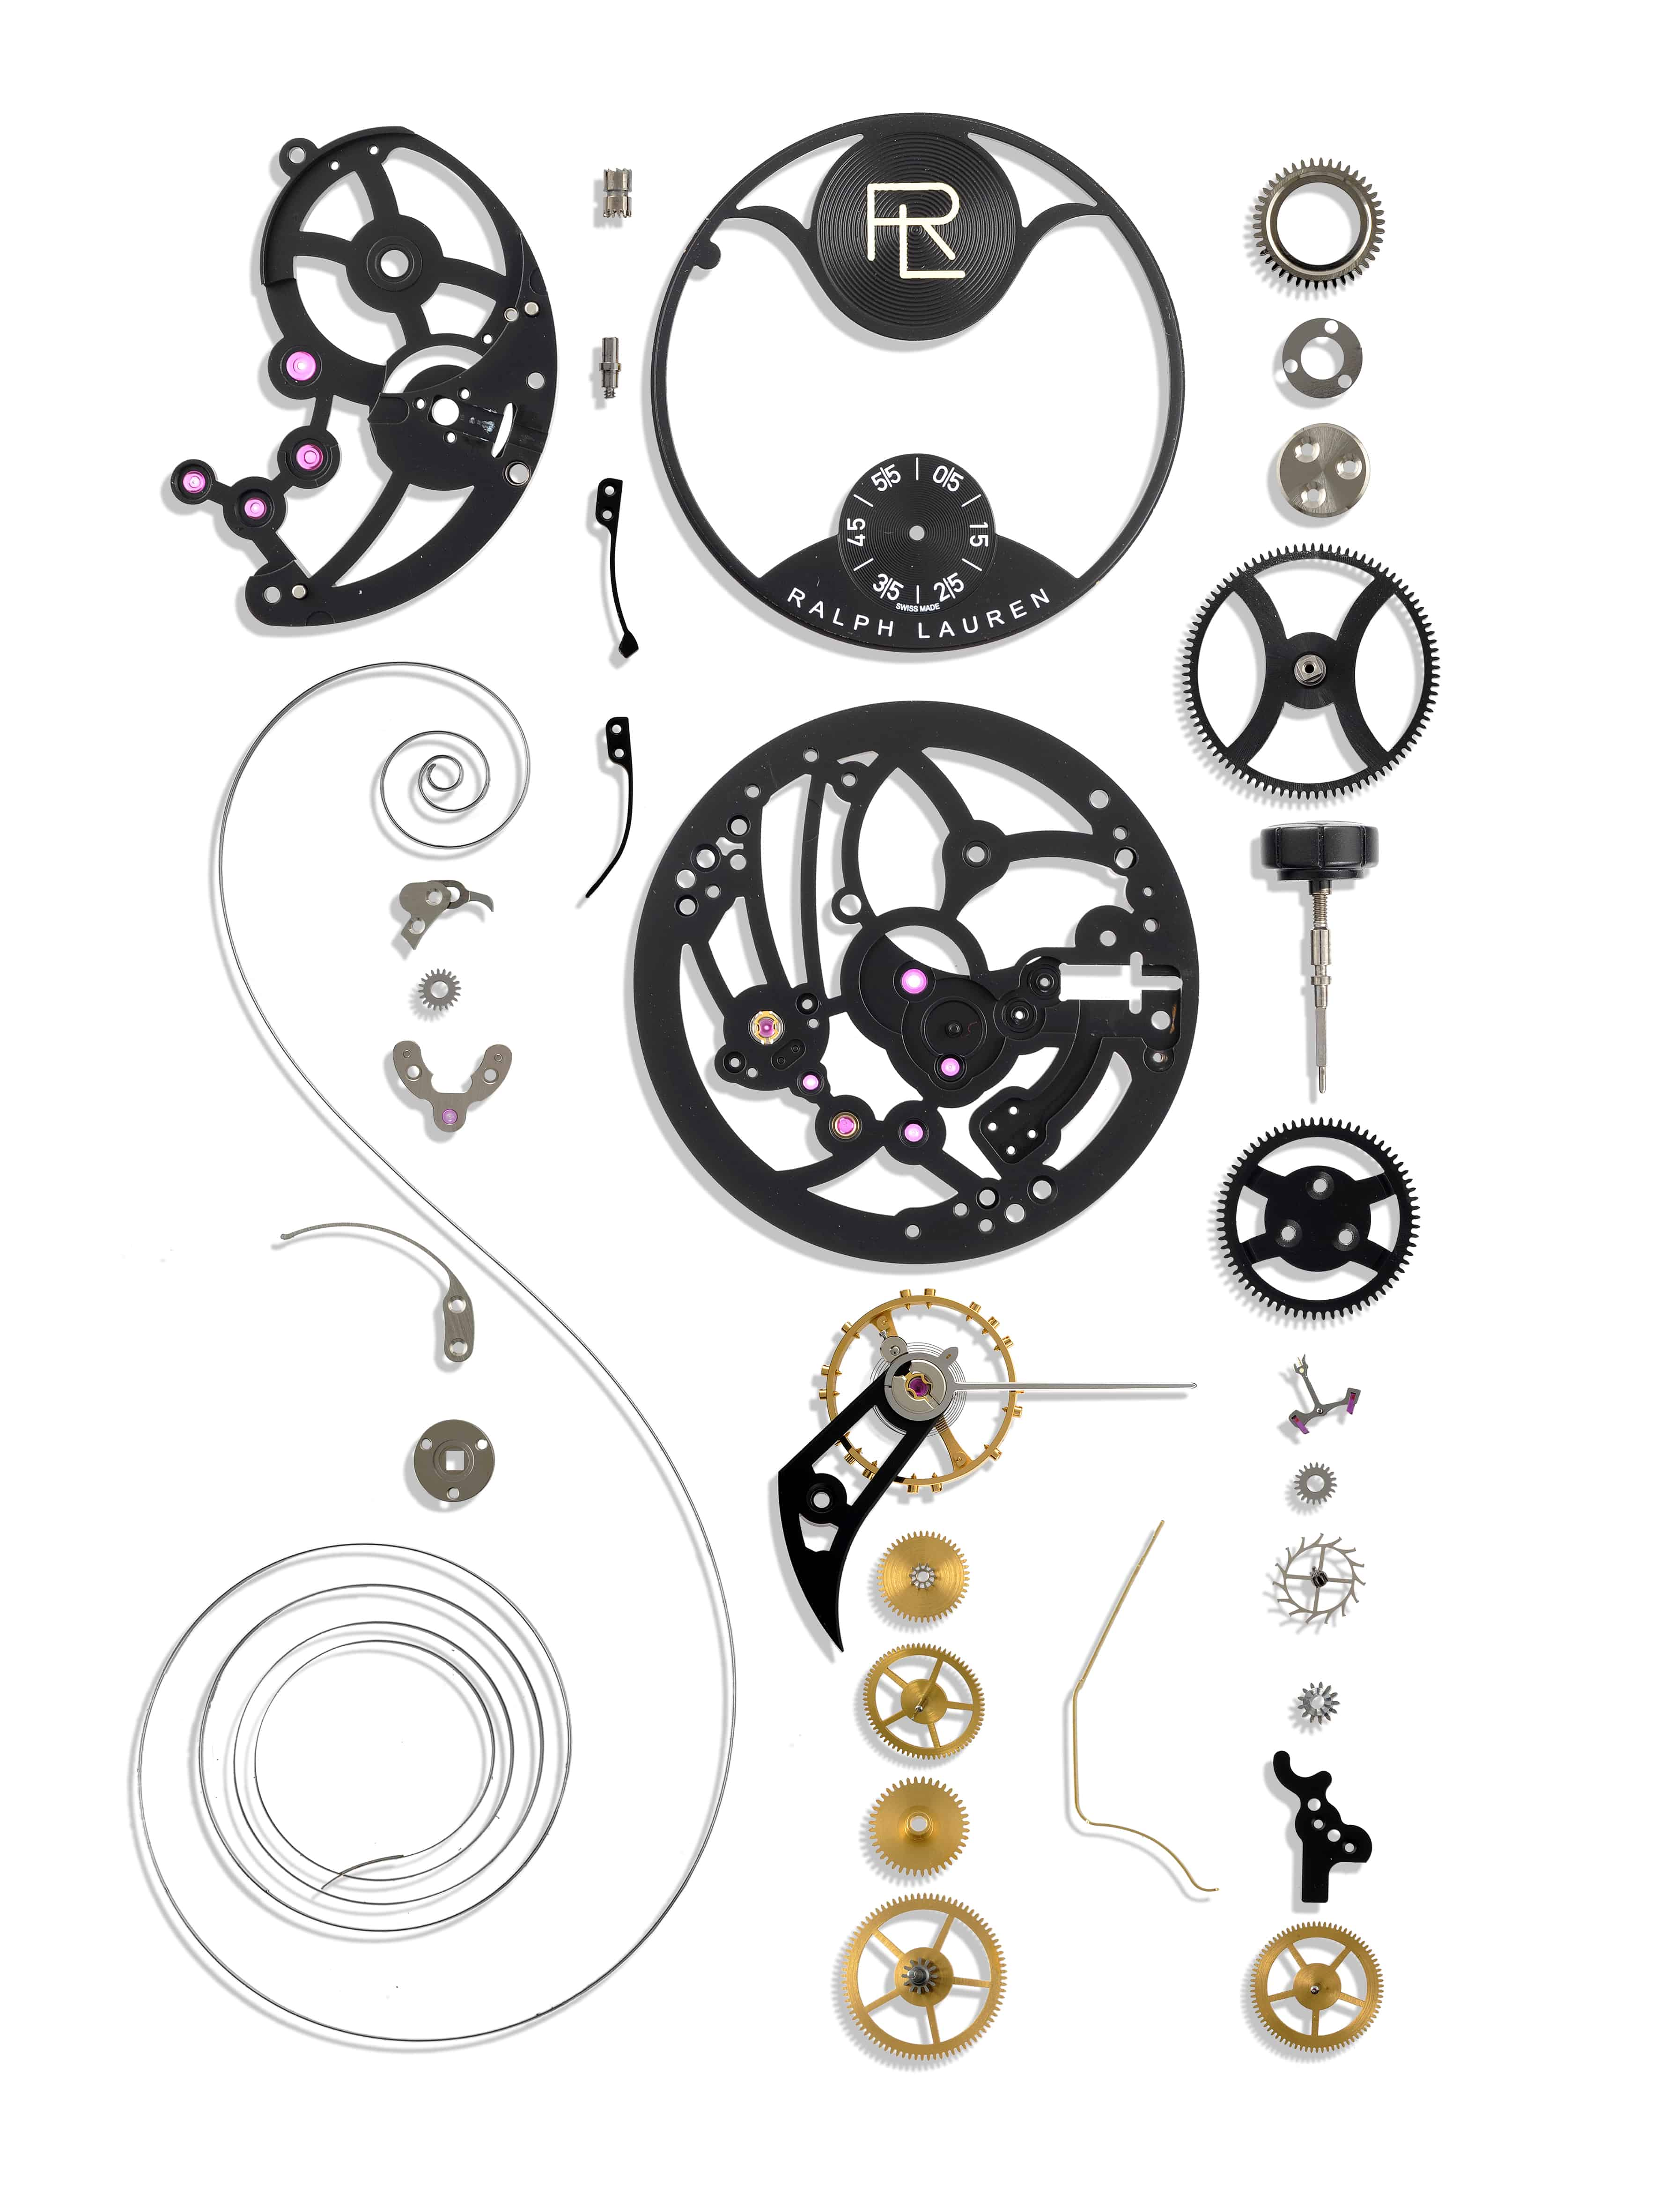 inside-ralph-lauren-skeleton-watch